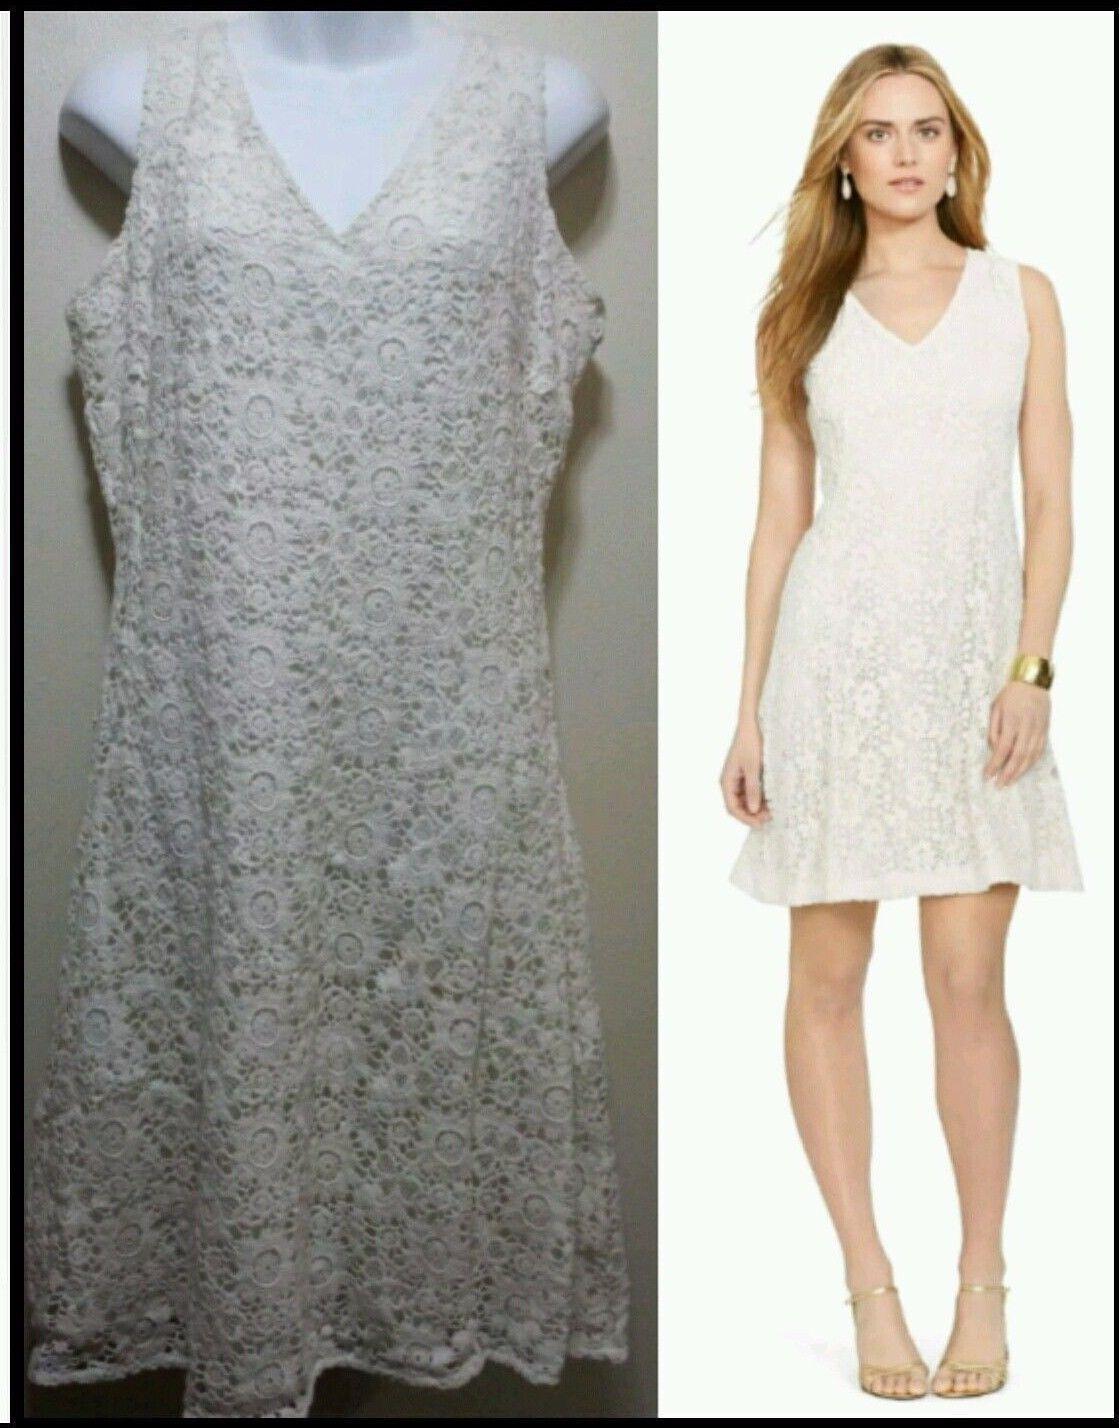 189 Lauren Ralph Lauren Ivory Crochet Lace Overlay Sleeveless Dress  12 M3020